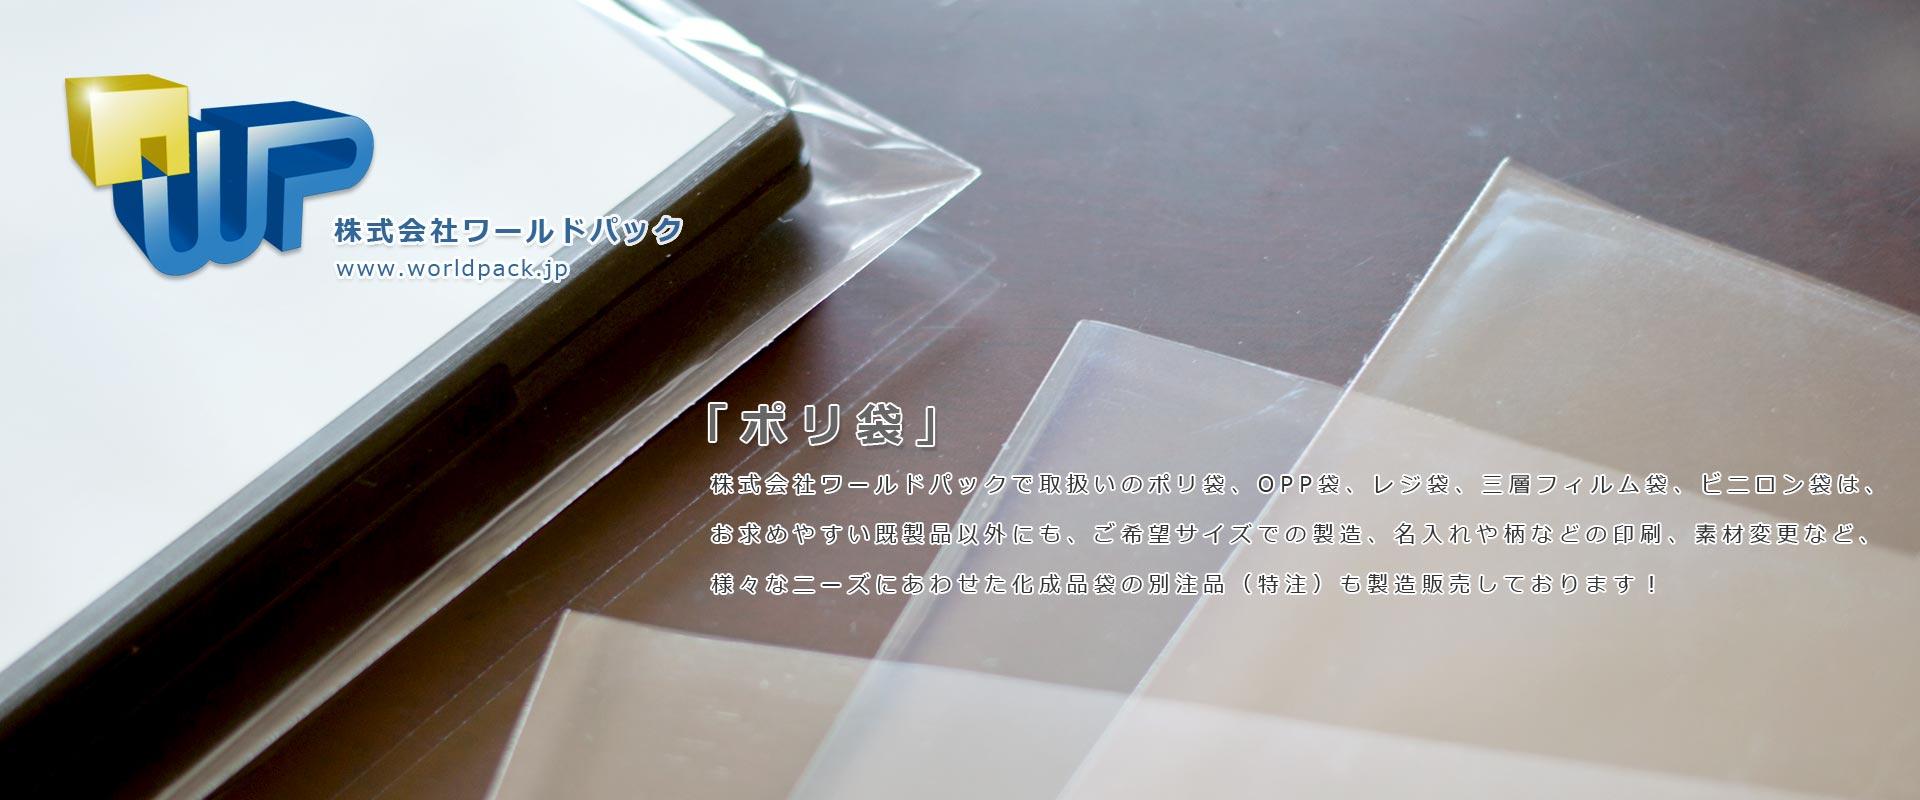 ポリ袋 小ロットから購入可能 株式会社ワールドパック 東京、神奈川、埼玉、千葉、茨城、群馬、栃木